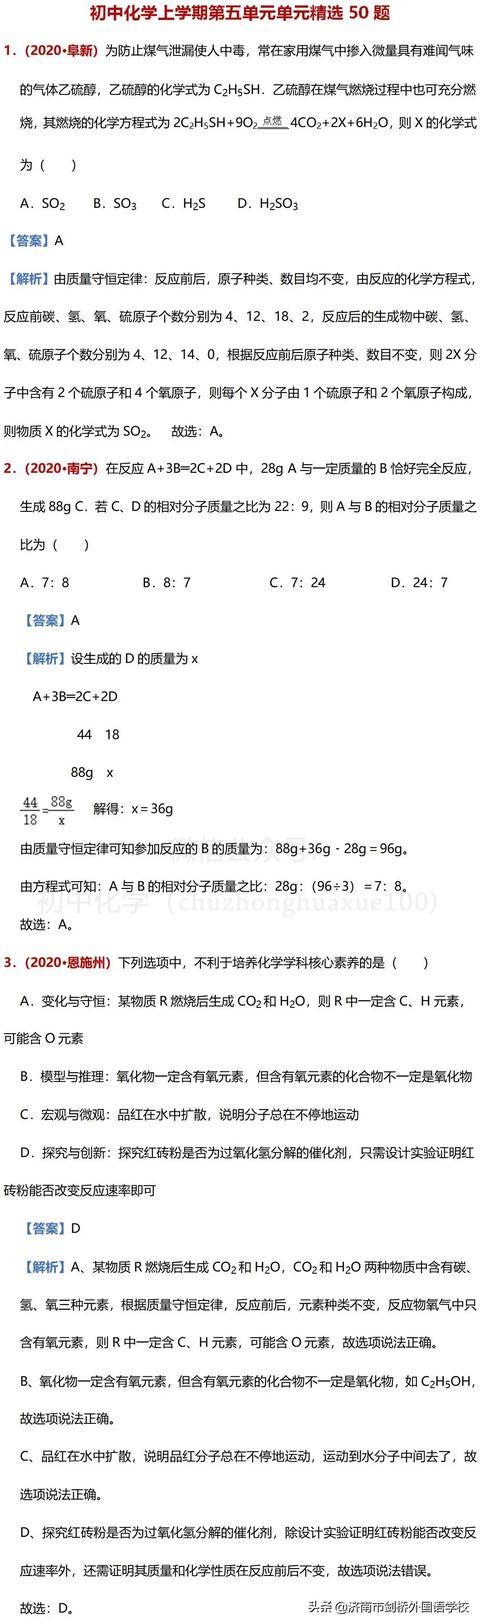 初中化学第五单元精选50题,word版可下载